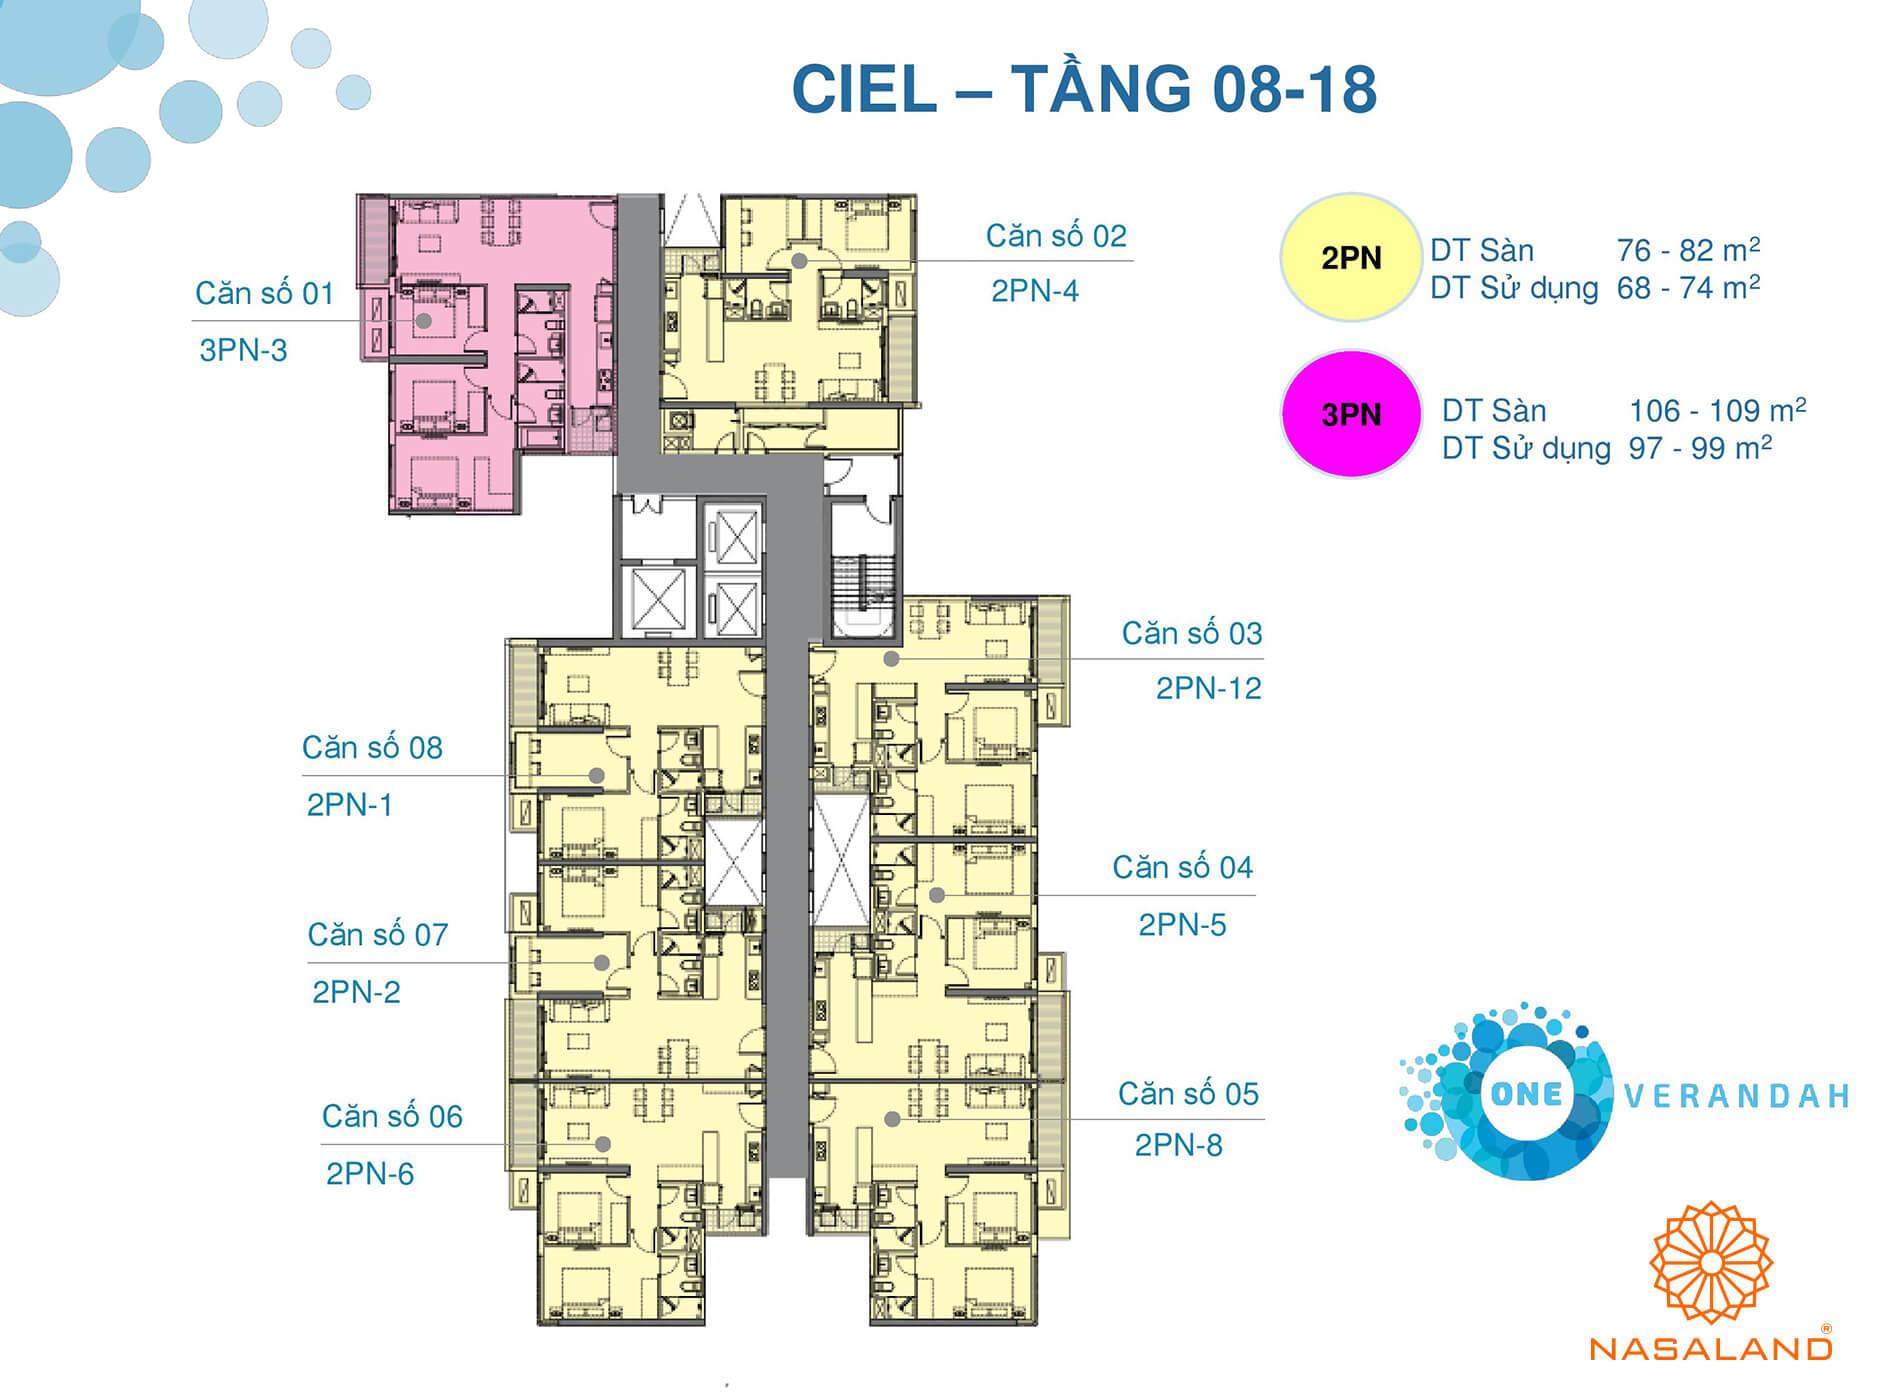 Mặt bằng tầng 08 - 18 căn hộ điển hình One Verandah (Ảnh: NSL)